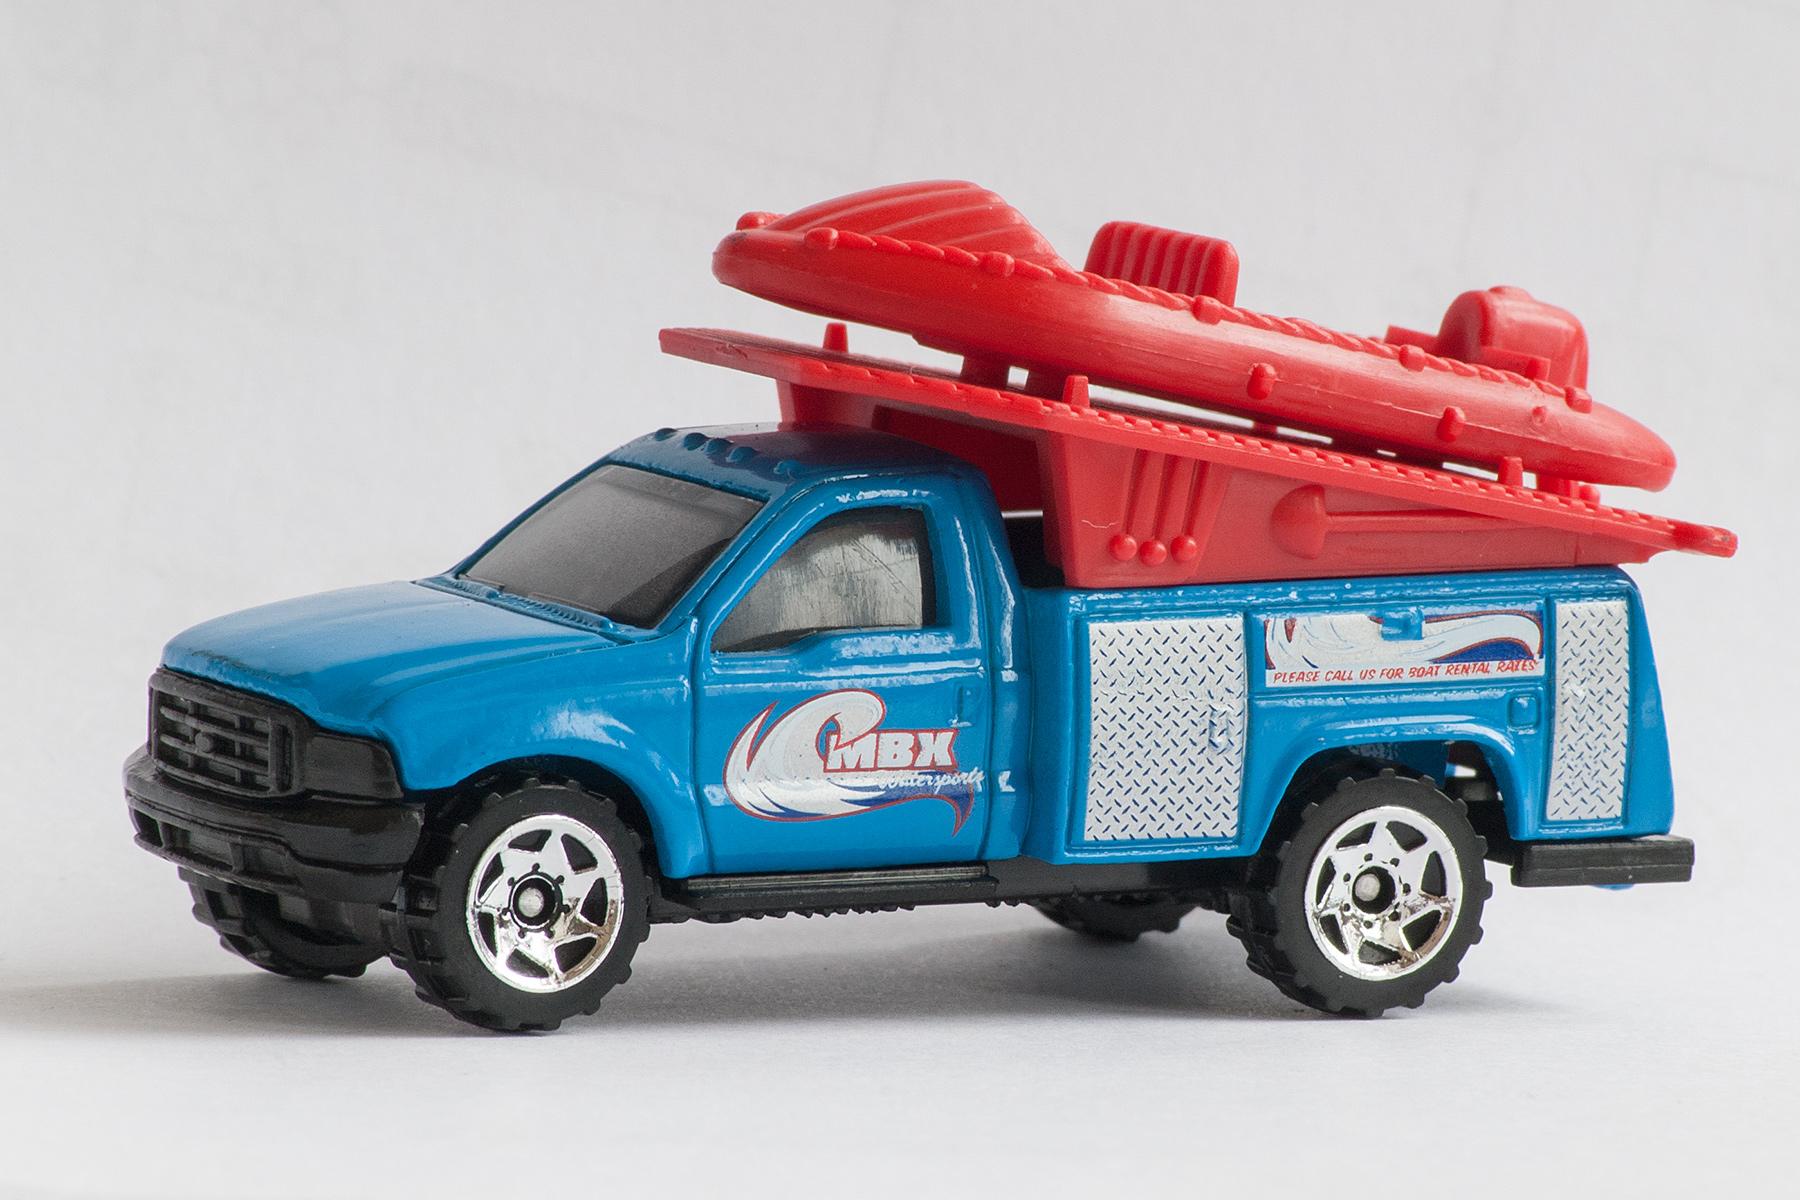 Ford-F-Series-Truck.jpg & Image - Ford-F-Series-Truck.jpg   Matchbox Cars Wiki   FANDOM ... markmcfarlin.com